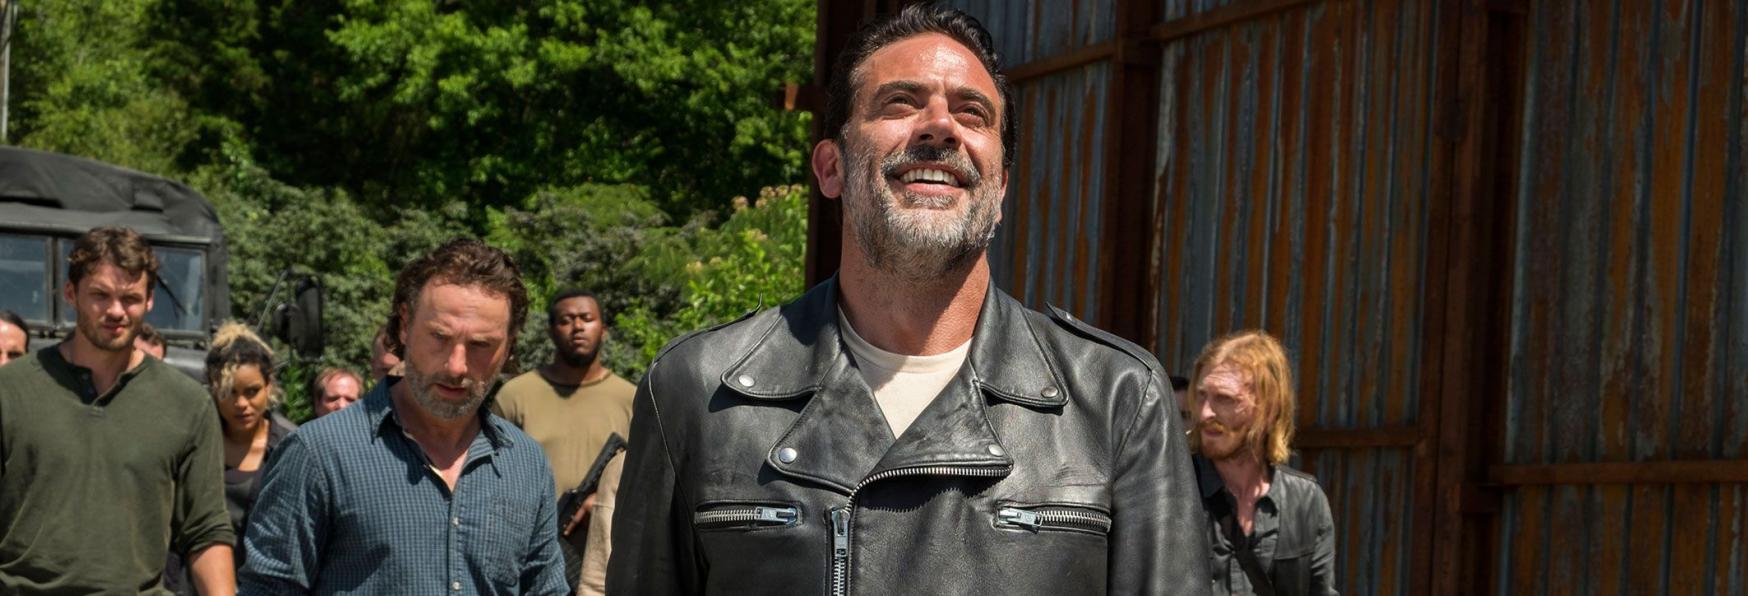 The Walking Dead: la Serie TV Spin-off su Negan è stata Discussa dal Network. La Conferma di Jeffrey Dean Morgan